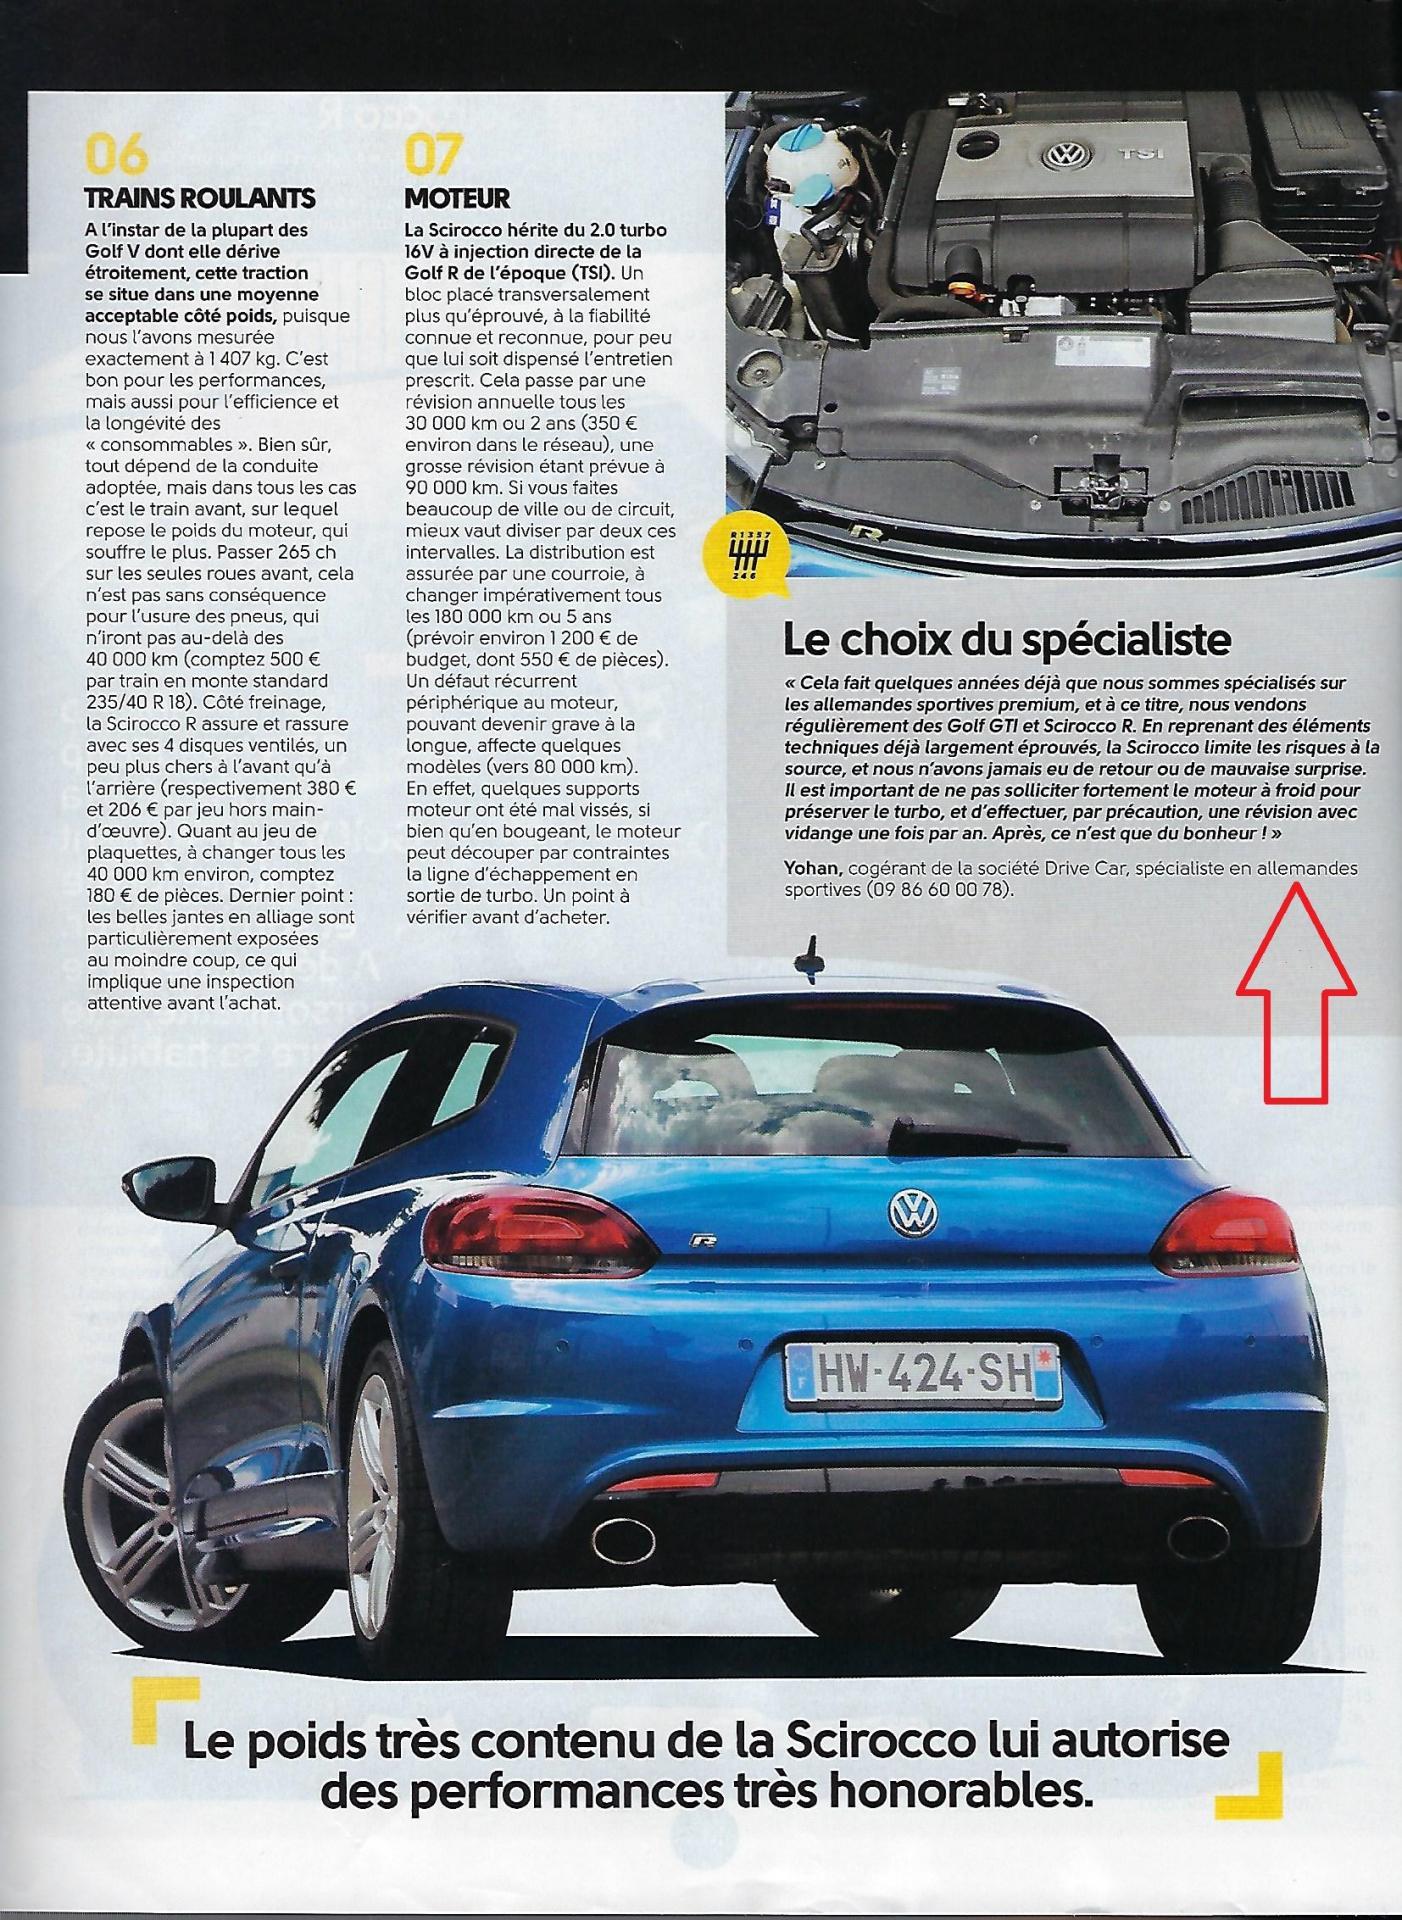 Sport auto reportage drivecar page 4